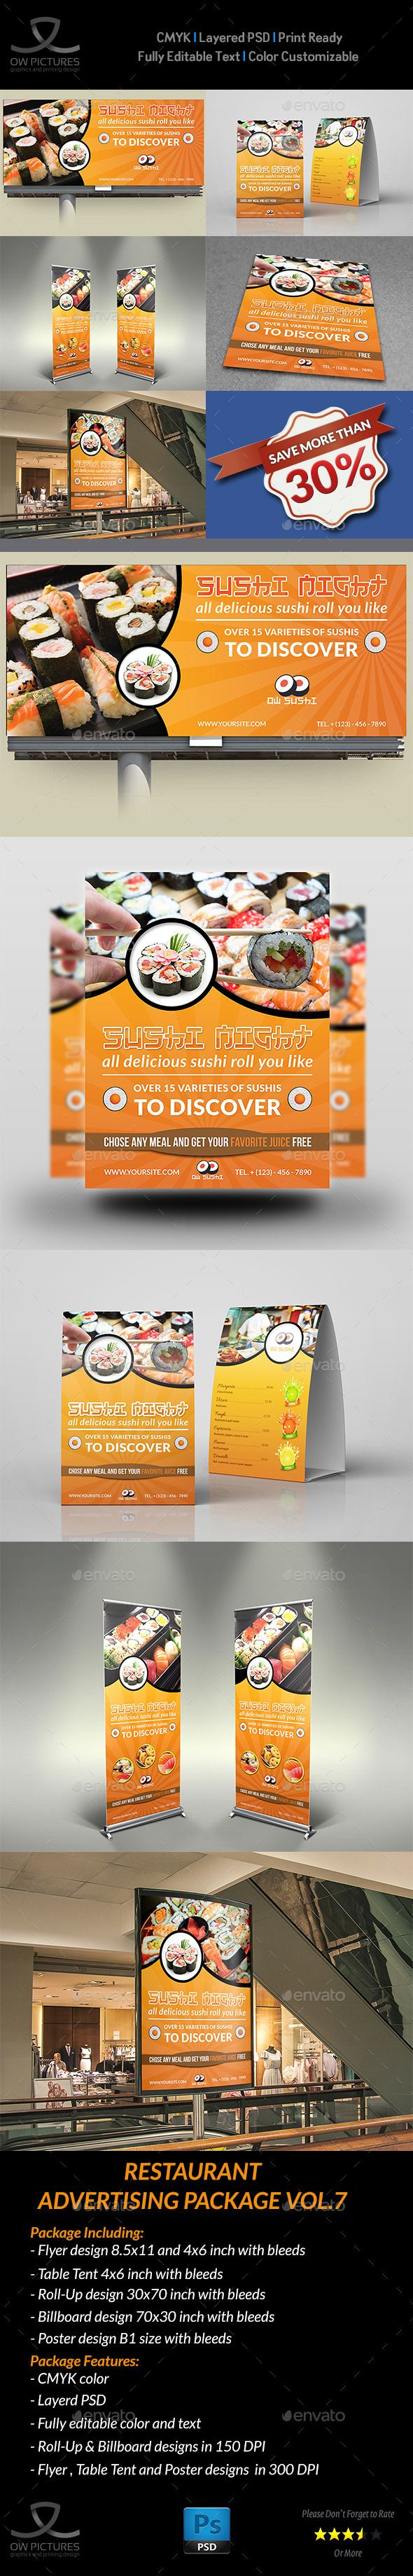 Advertising Bundle Description : Restaurant Advertising Bundle Vol.7 including Flyer design, Billboard design, Roll-Up Signage